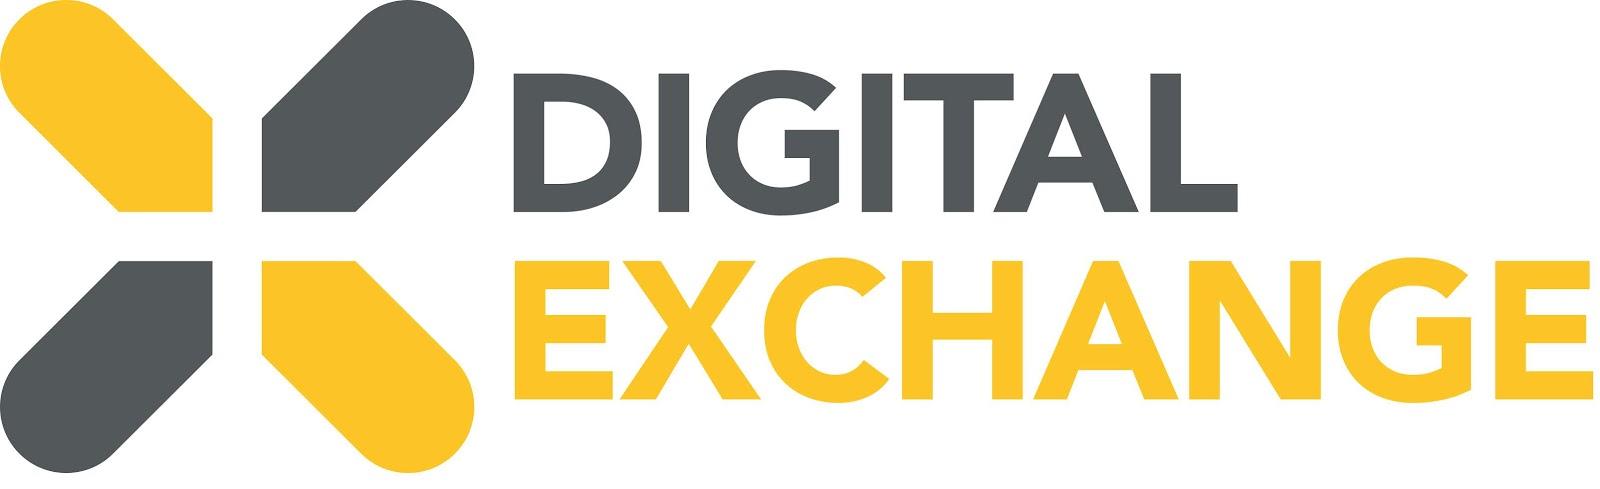 _Digital_Exchange.jpg